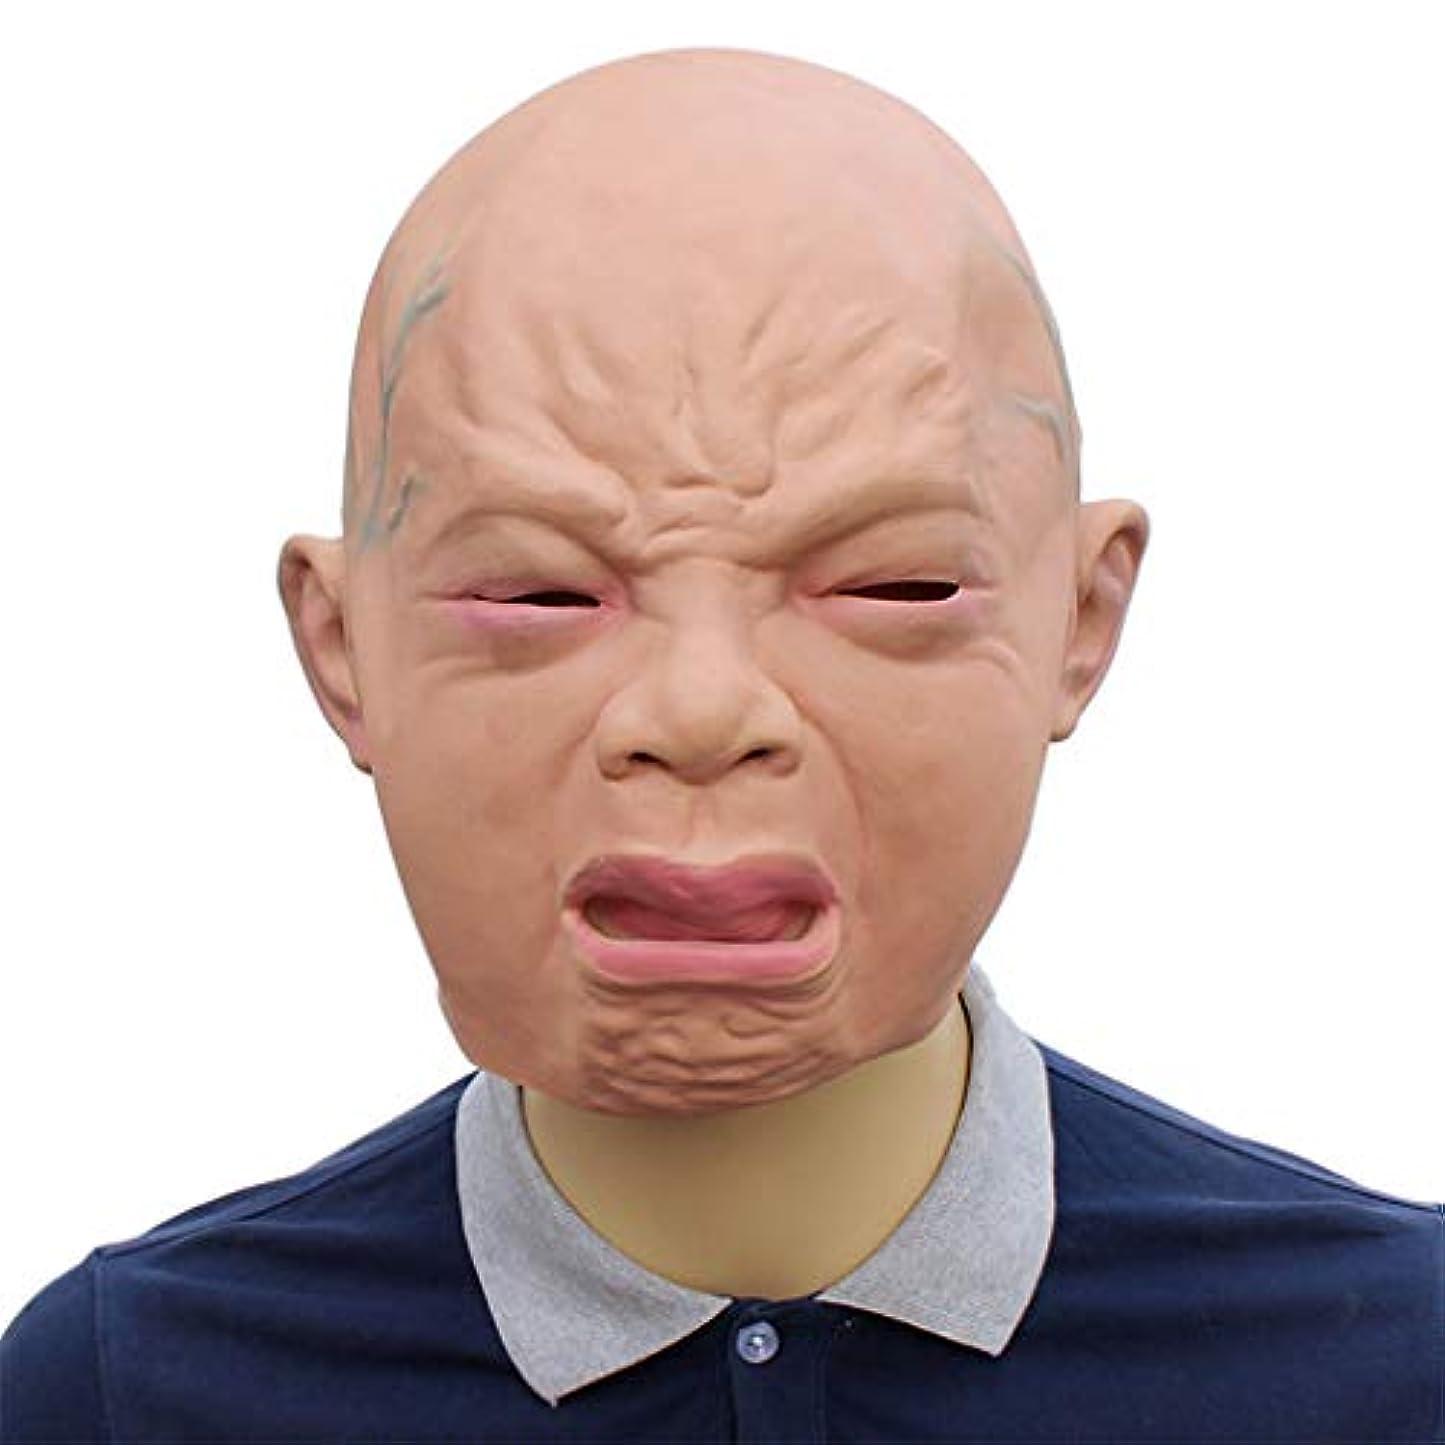 意外コンテンポラリー今日ハロウィンマスク、キャラクターマスク、ノベルティファニーラテックスリアルな泣き虫ベビーギア、ハロウィンイースターコスチュームコスプレ用